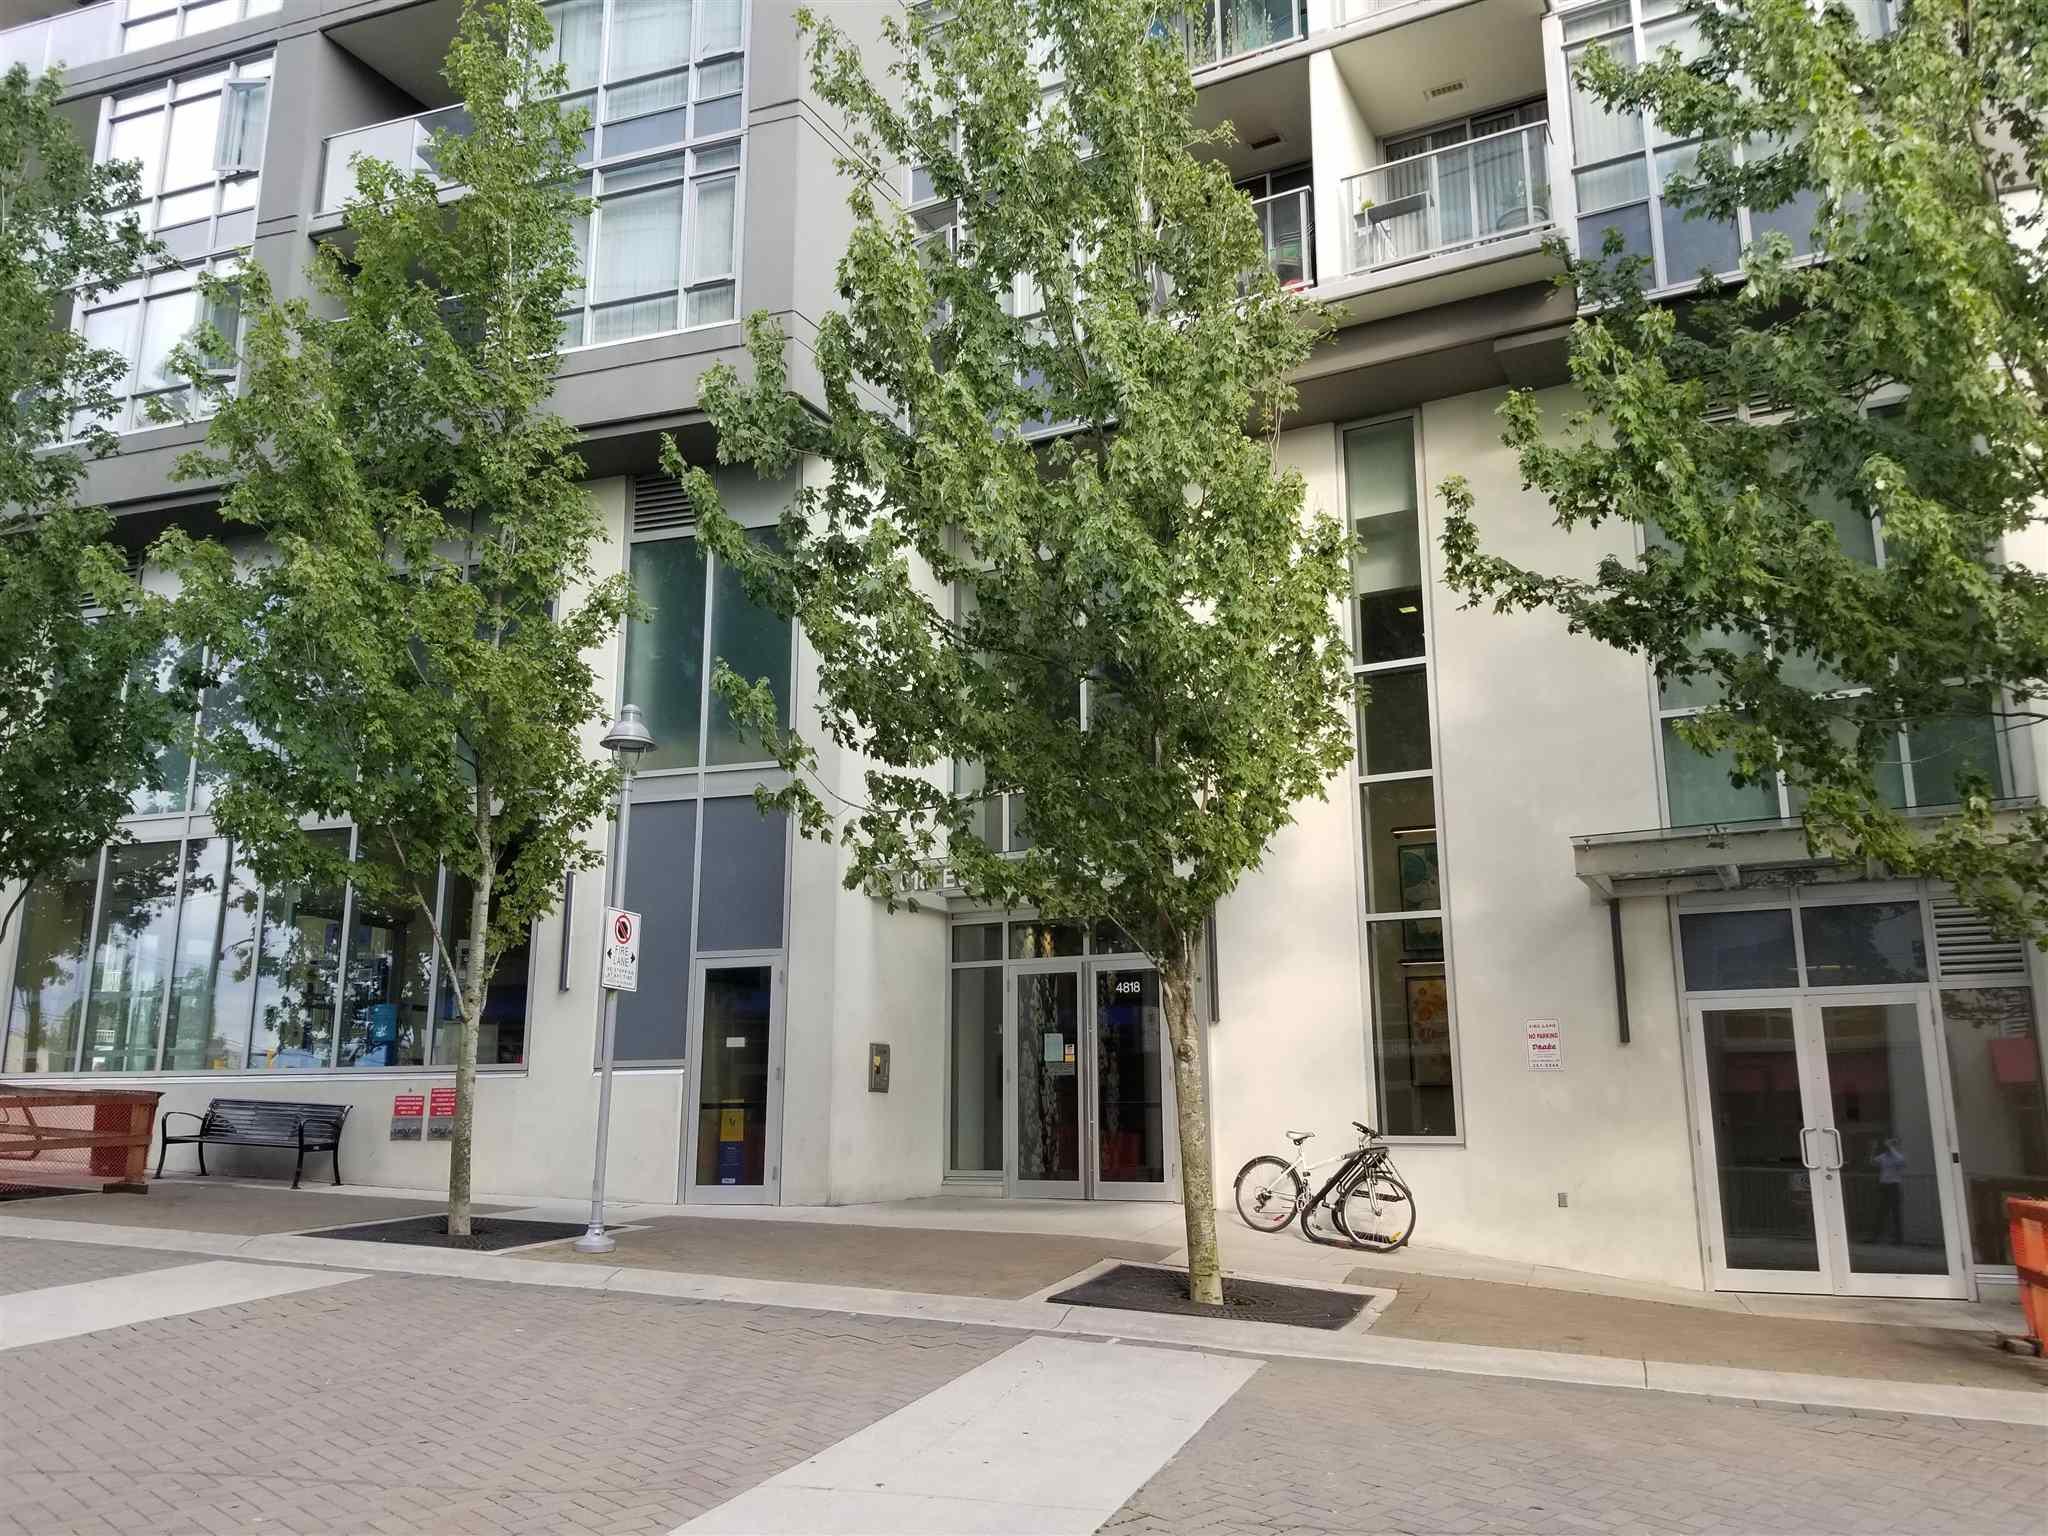 604 4818 ELDORADO MEWS - Collingwood VE Apartment/Condo for sale, 1 Bedroom (R2599715) - #1